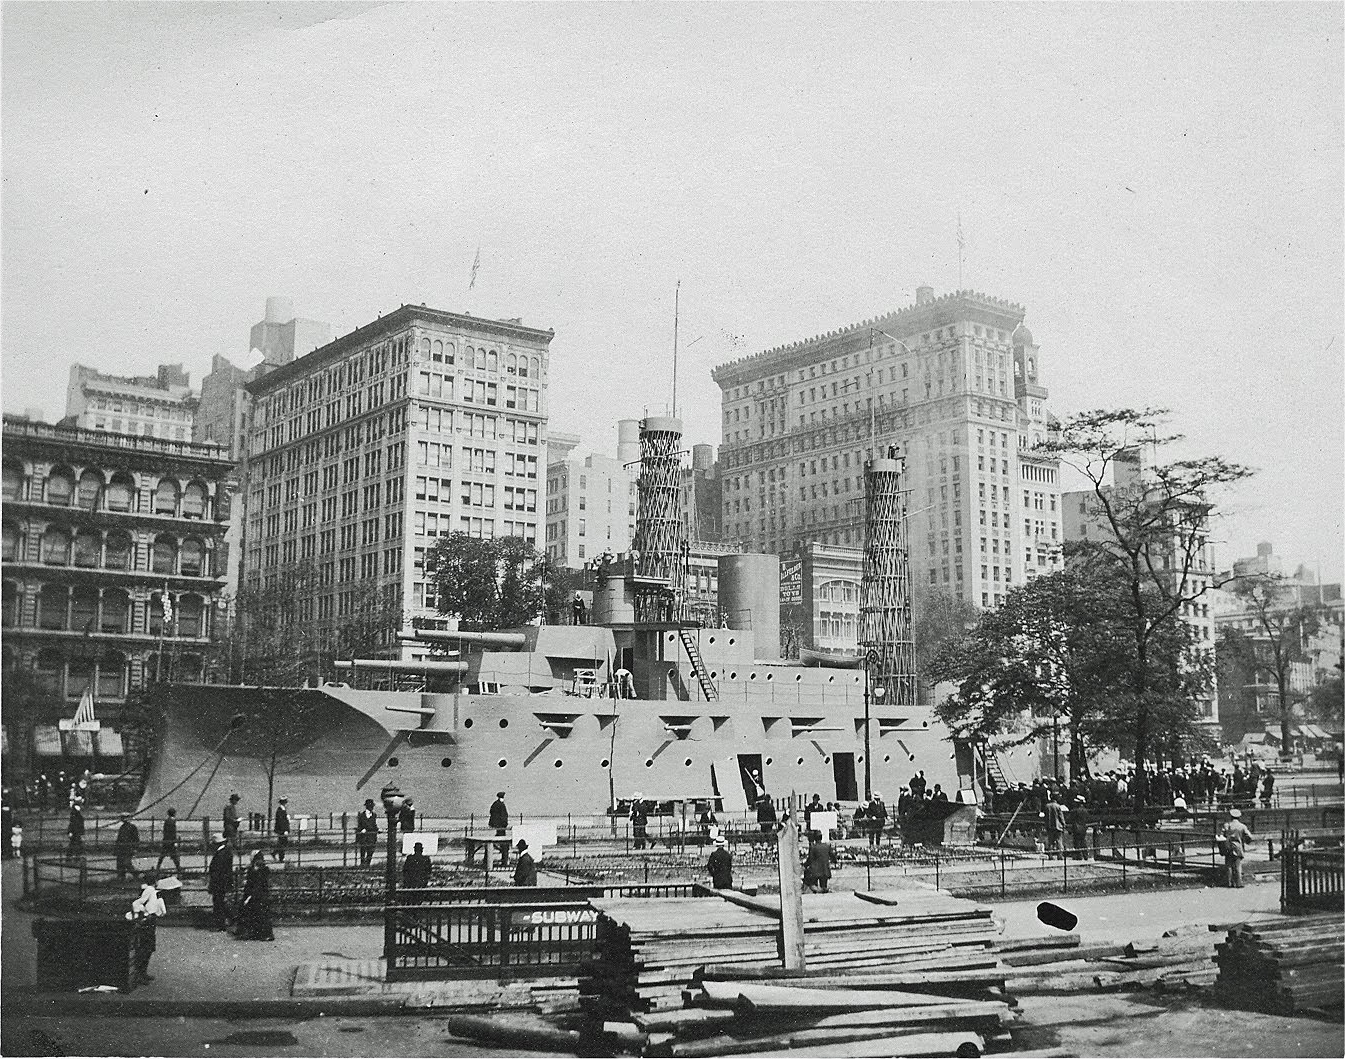 1917. USS Recruit azaz Bevonuló hajó. A Union Square-n felépített fa modellhajó az újoncok csábítására szolgált..jpg